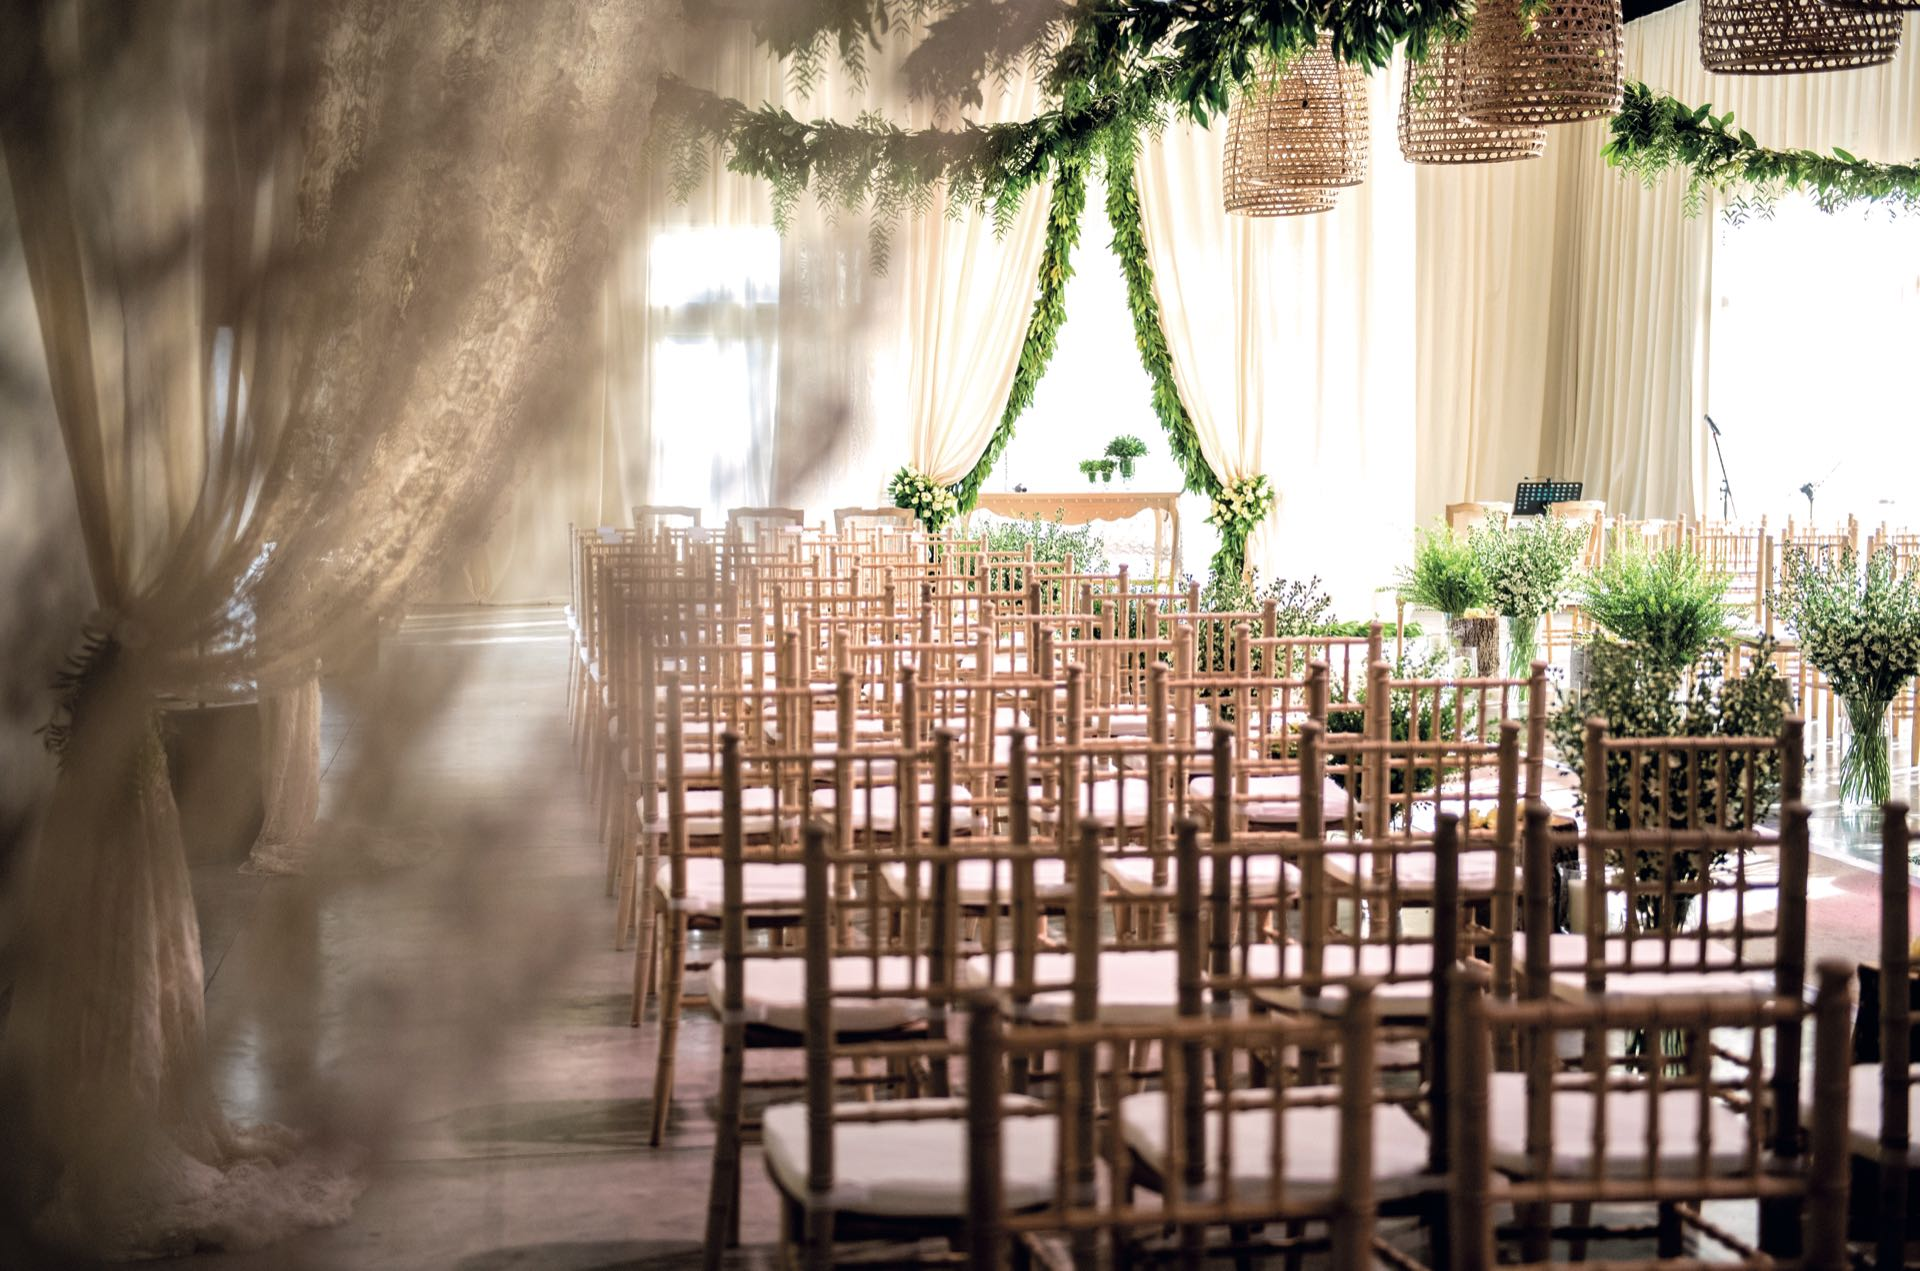 La ceremonia se realizó en un salón decorado con cortinas de guipure y guirnaldas de follaje.